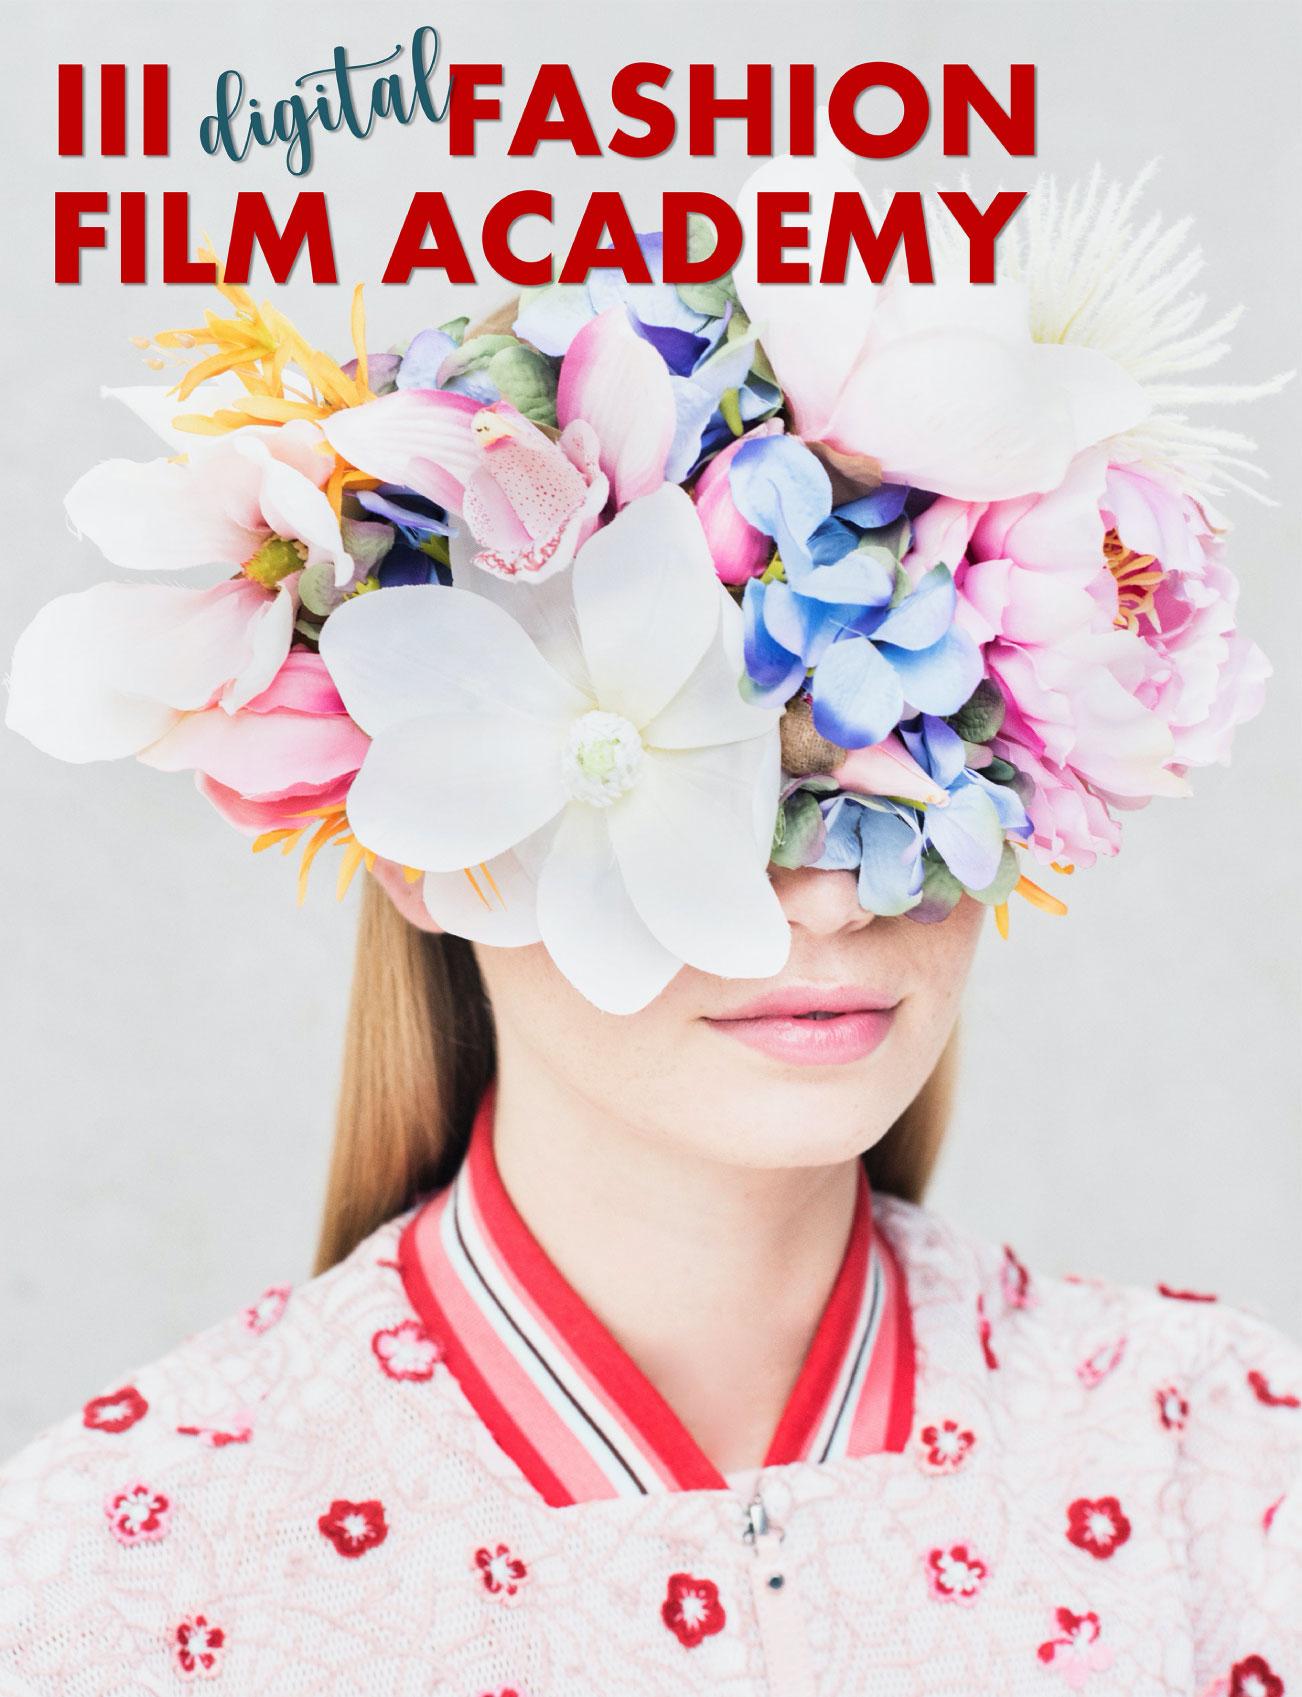 III Digital Fashion Film Academy